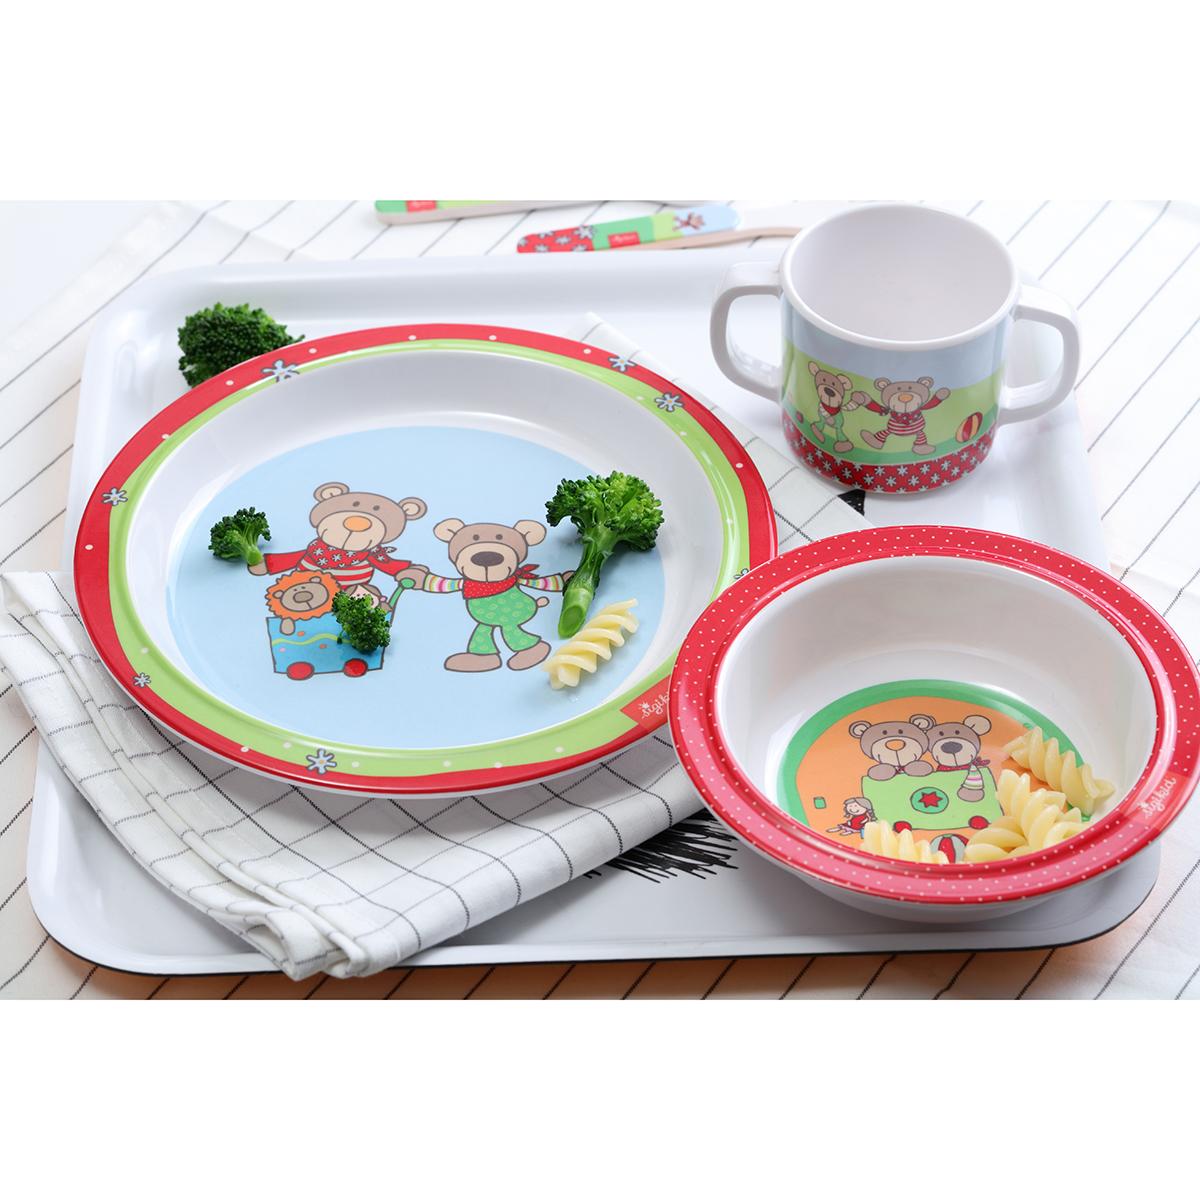 赤ちゃんの生活用品